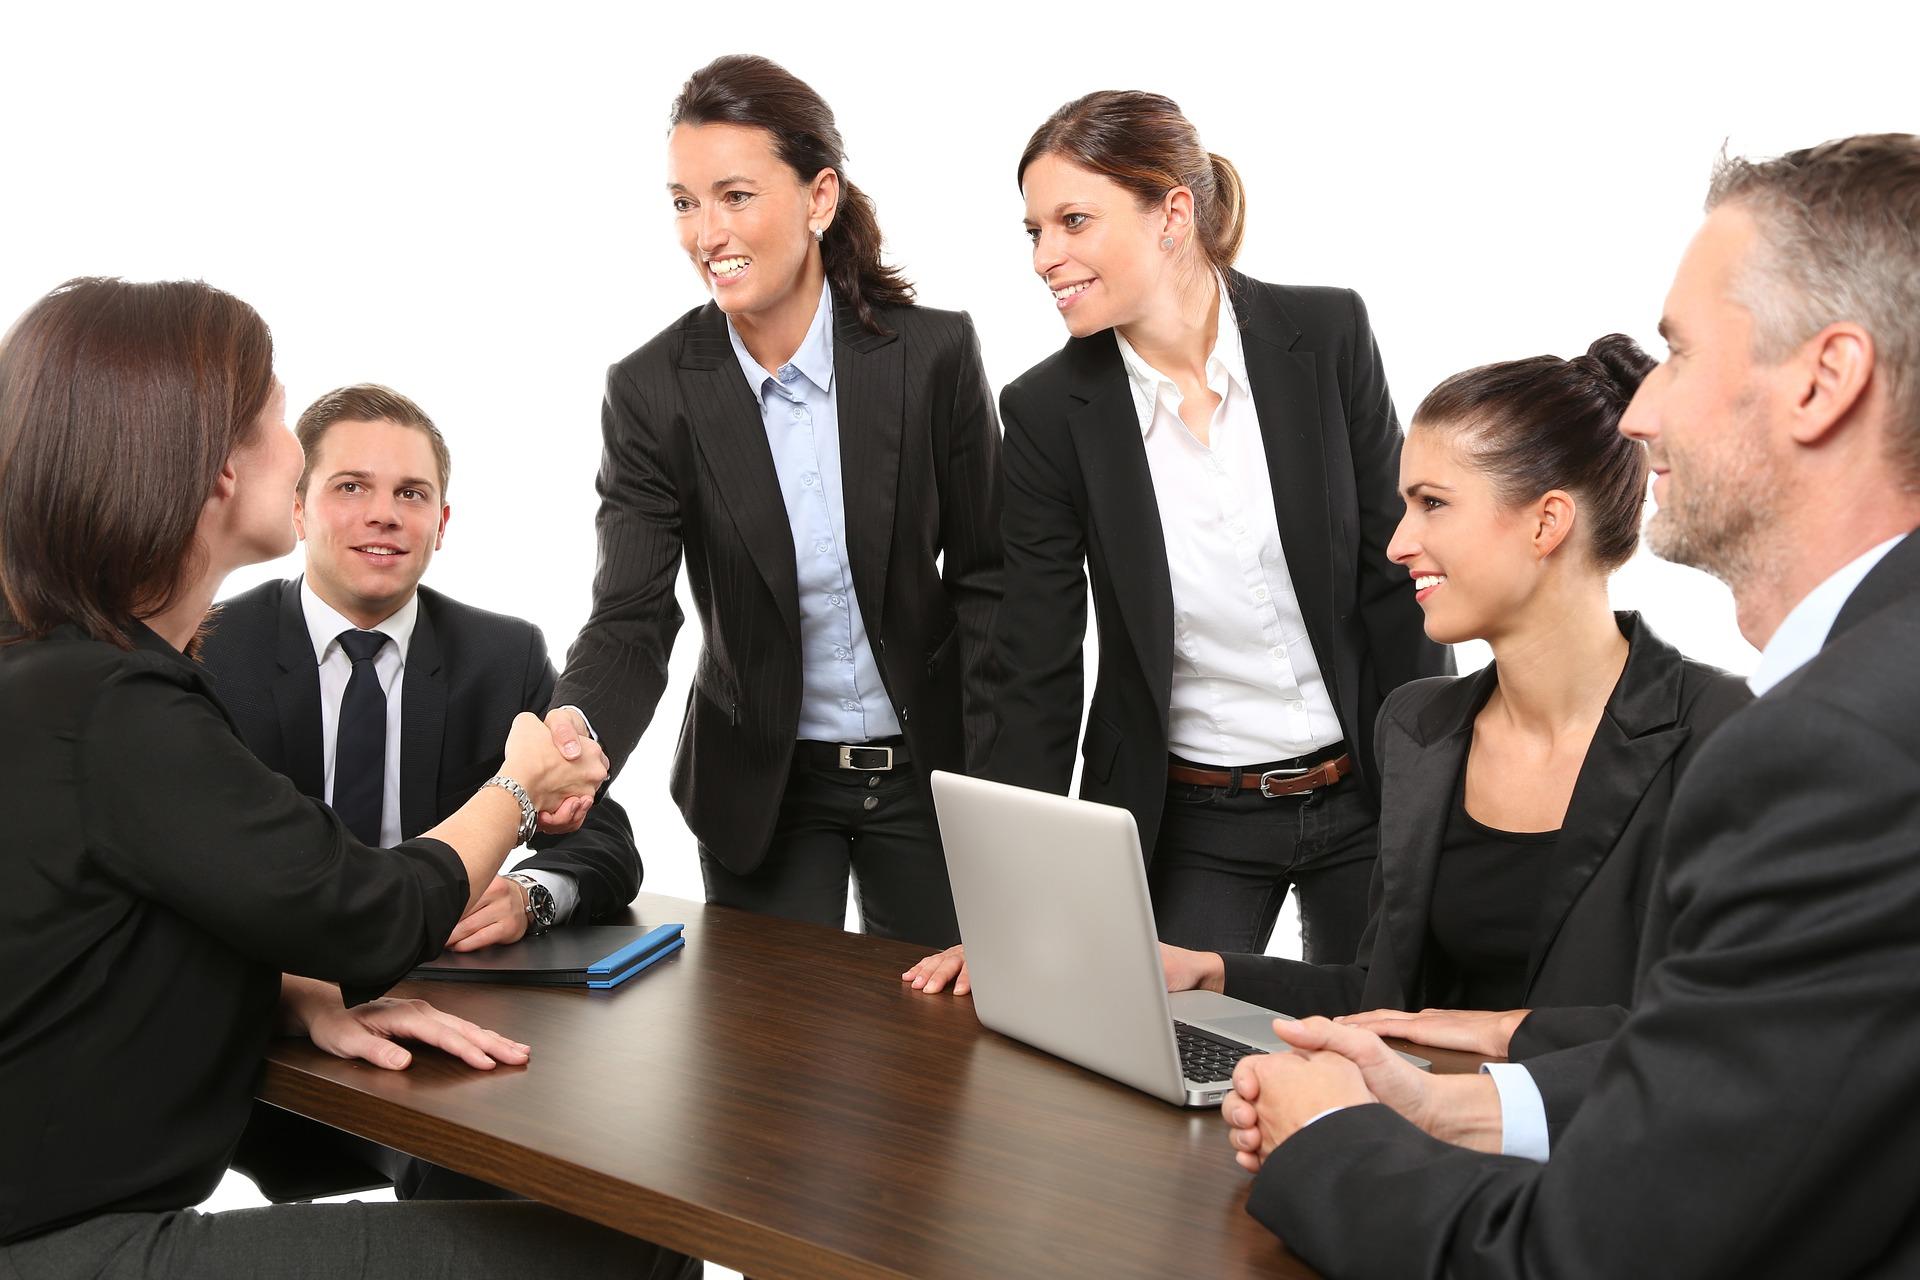 Das Geschäft mit der Personaldienstleistung und Zeitarbeit floriert